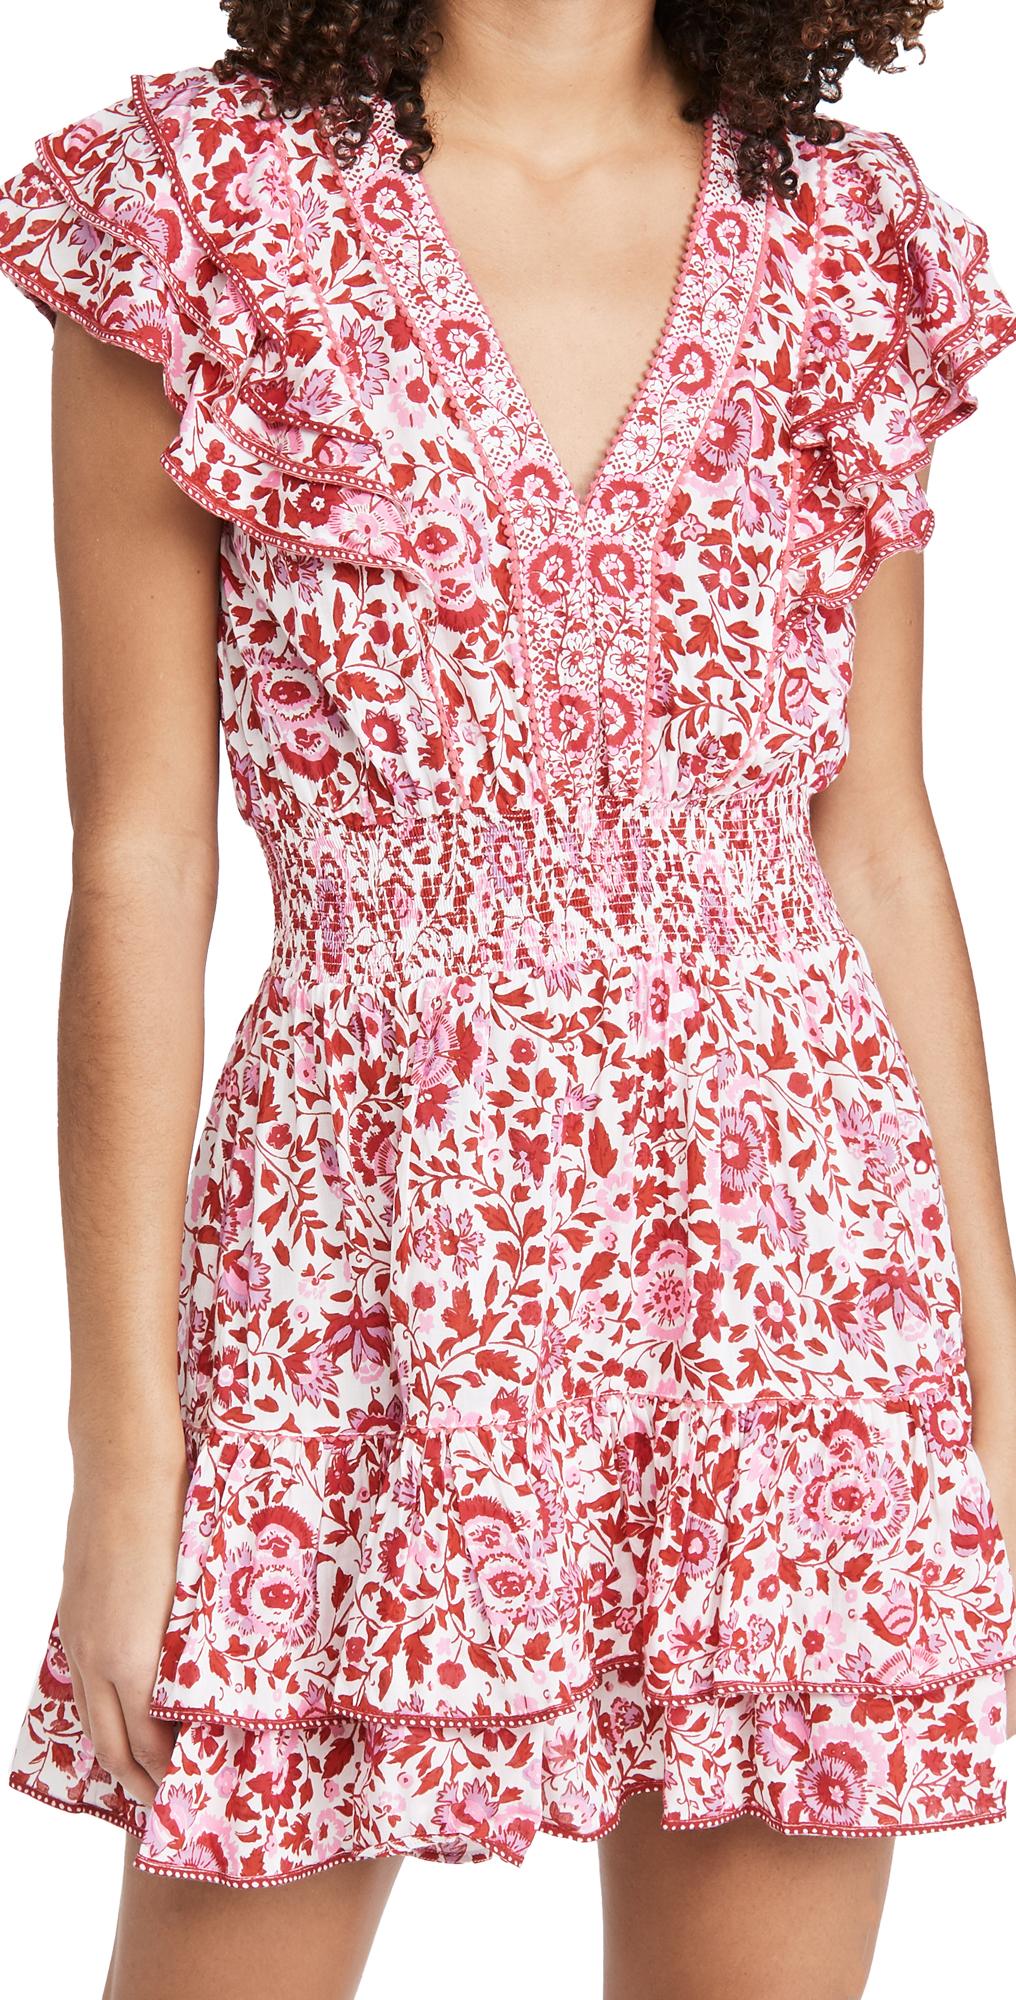 Poupette St Barth Mini Camila Ruffled Dress